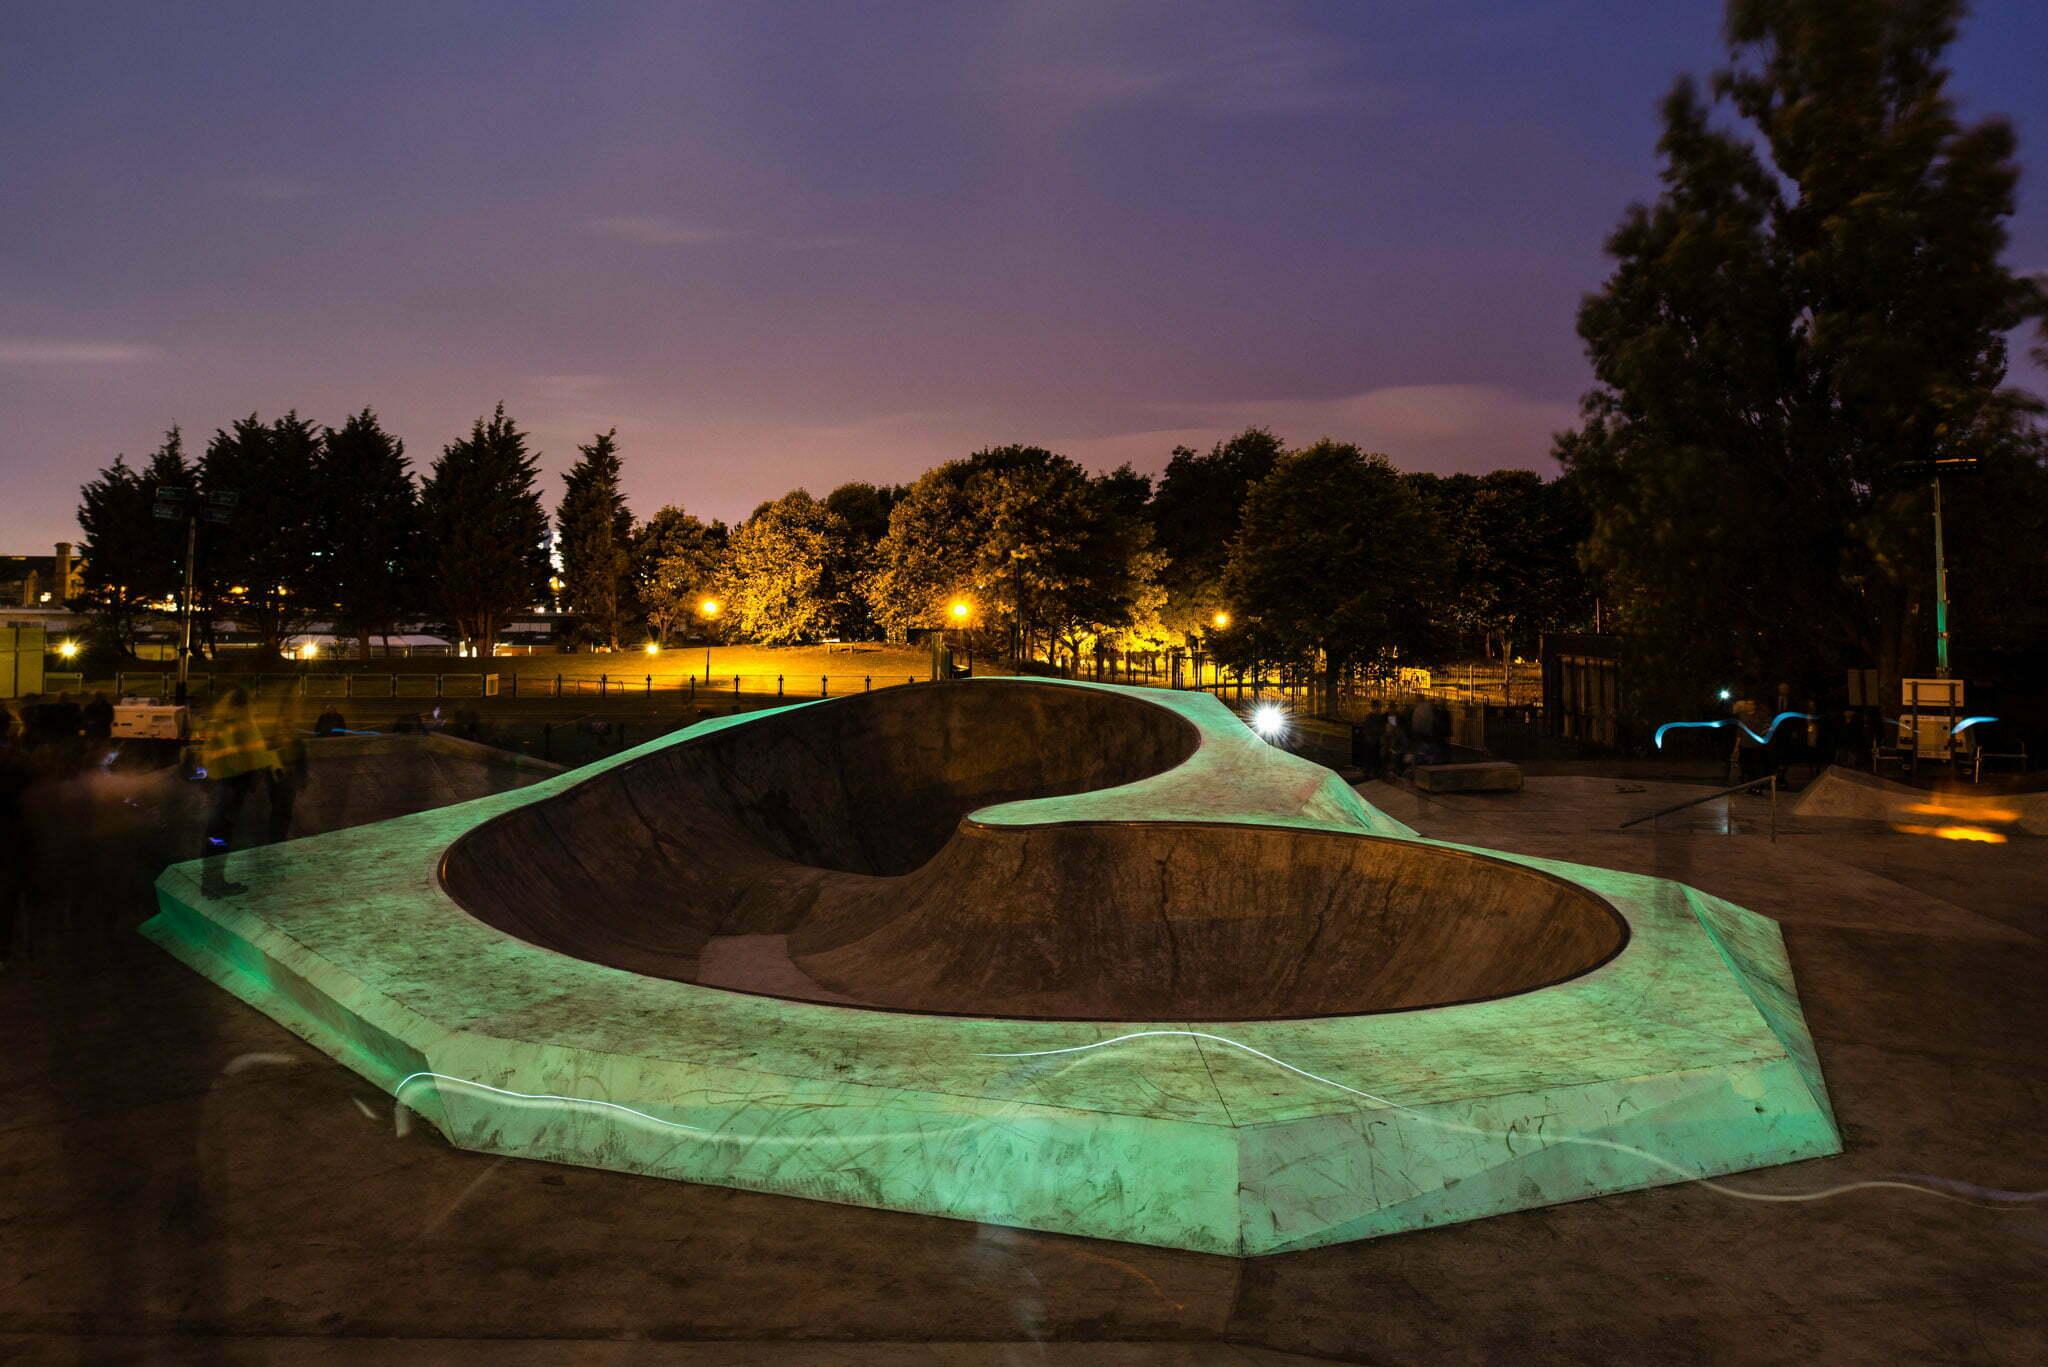 biennial-evertro-skatepark-6346-pete-carr